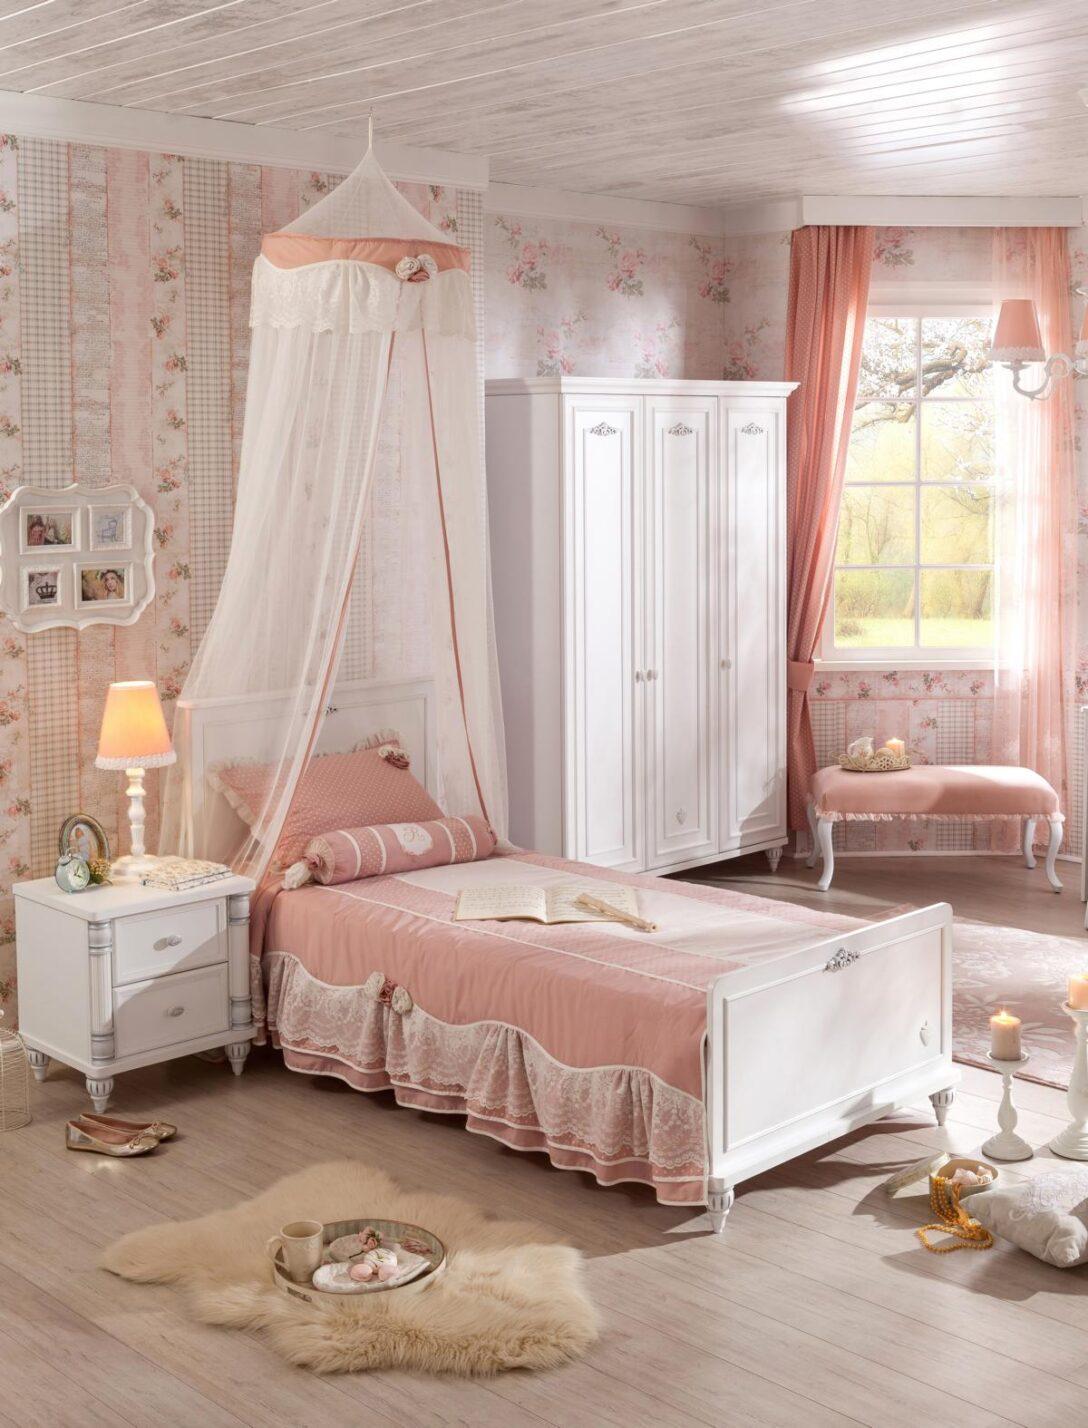 Large Size of Kinderzimmer Set Gnstig Online Kaufen Furnart Sofa Günstig Bett 140x200 Schlafzimmer Komplett Poco Regale Esstisch 160x200 Günstige Wohnzimmer Fenster Kinderzimmer Kinderzimmer Komplett Günstig